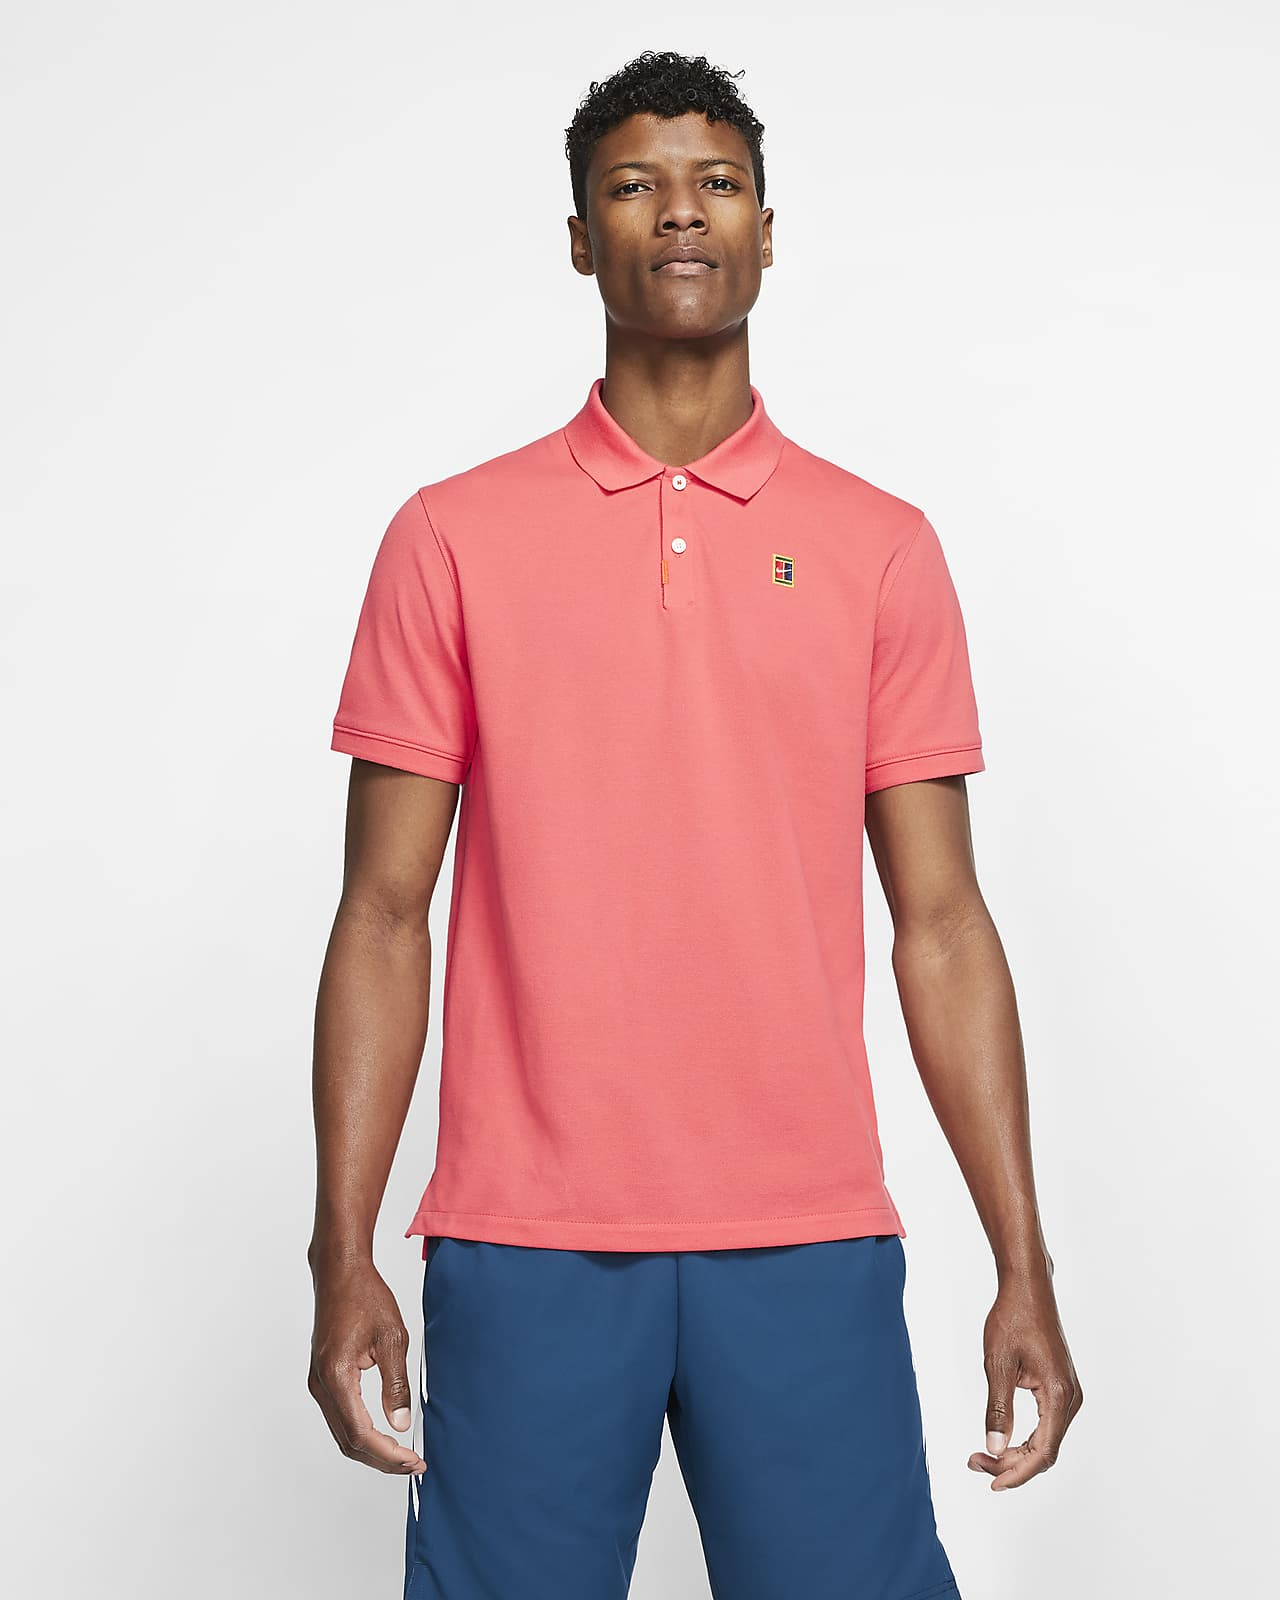 The Nike Polo poloskjorte i smal passform til herre